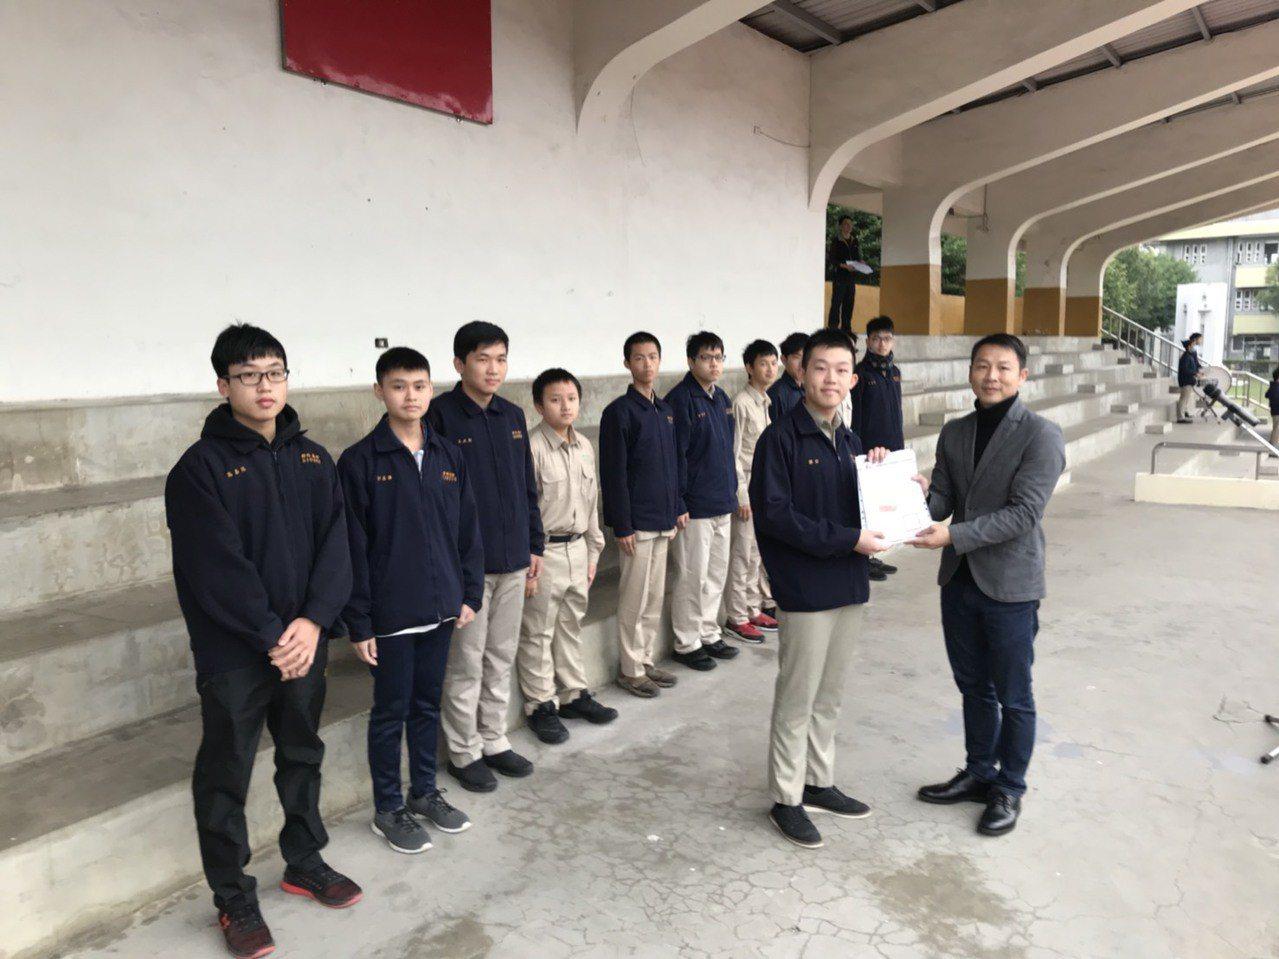 新竹高中以往開朝會升旗,並在司令台頒獎,未來將走入歷史。圖/新竹高中提供